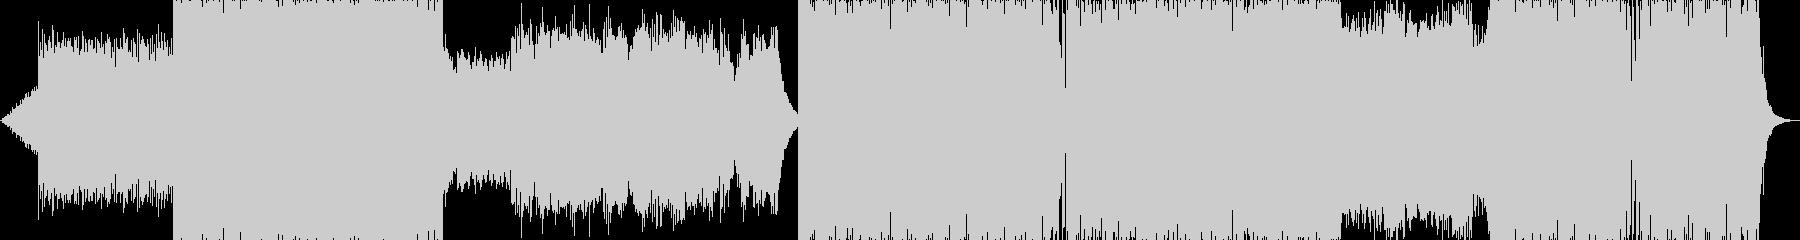 プログレッシブとメロディック。簡単です。の未再生の波形